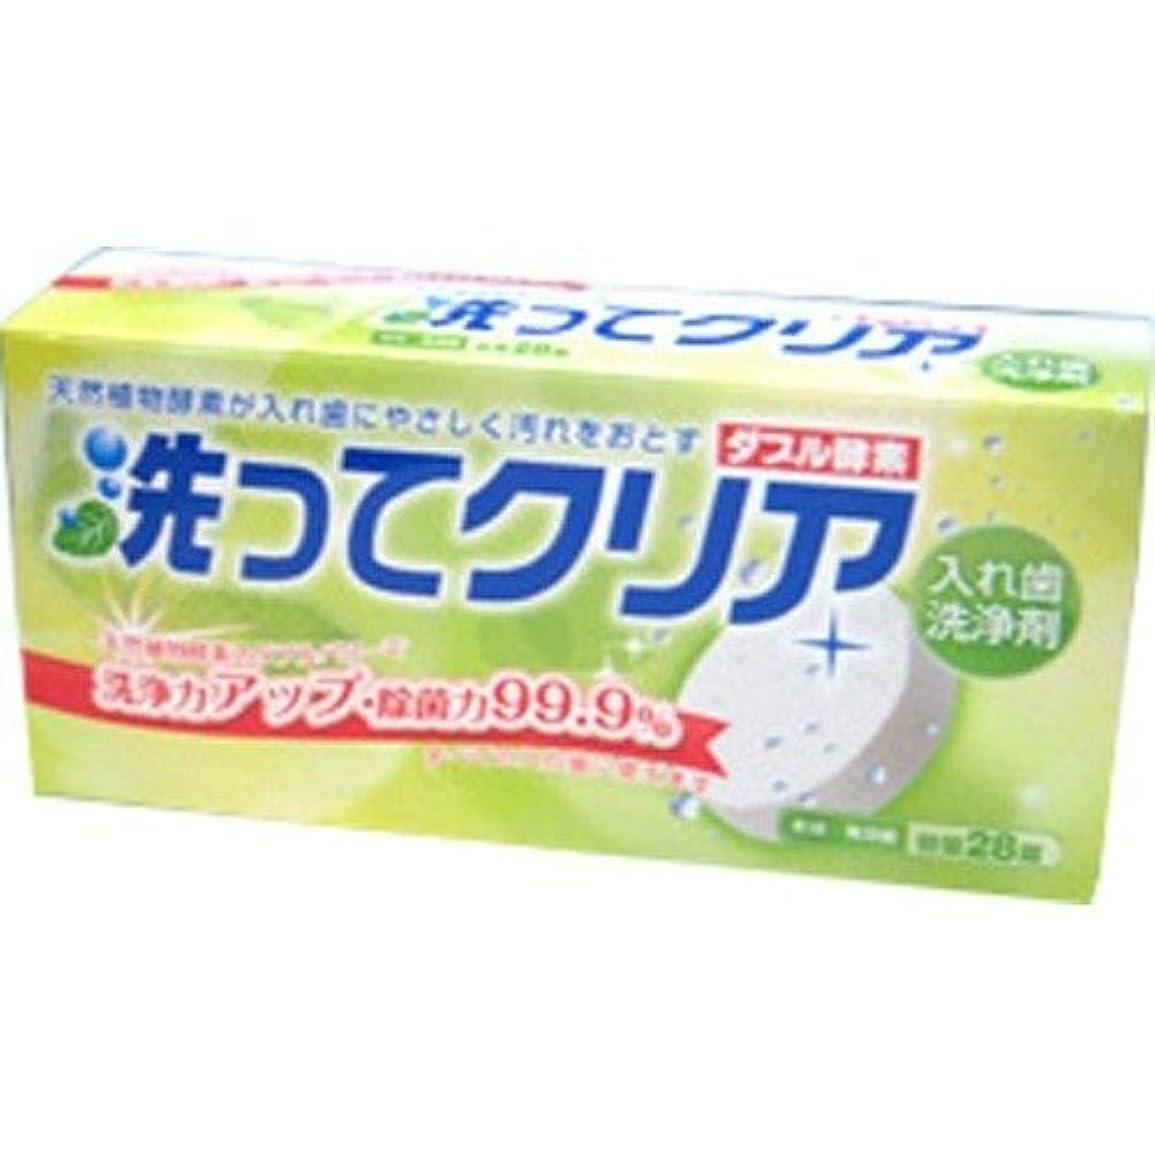 コショウセレナカエル東伸洋行株式会社 洗ってクリア ダブル酵素 28錠 入れ歯洗浄剤